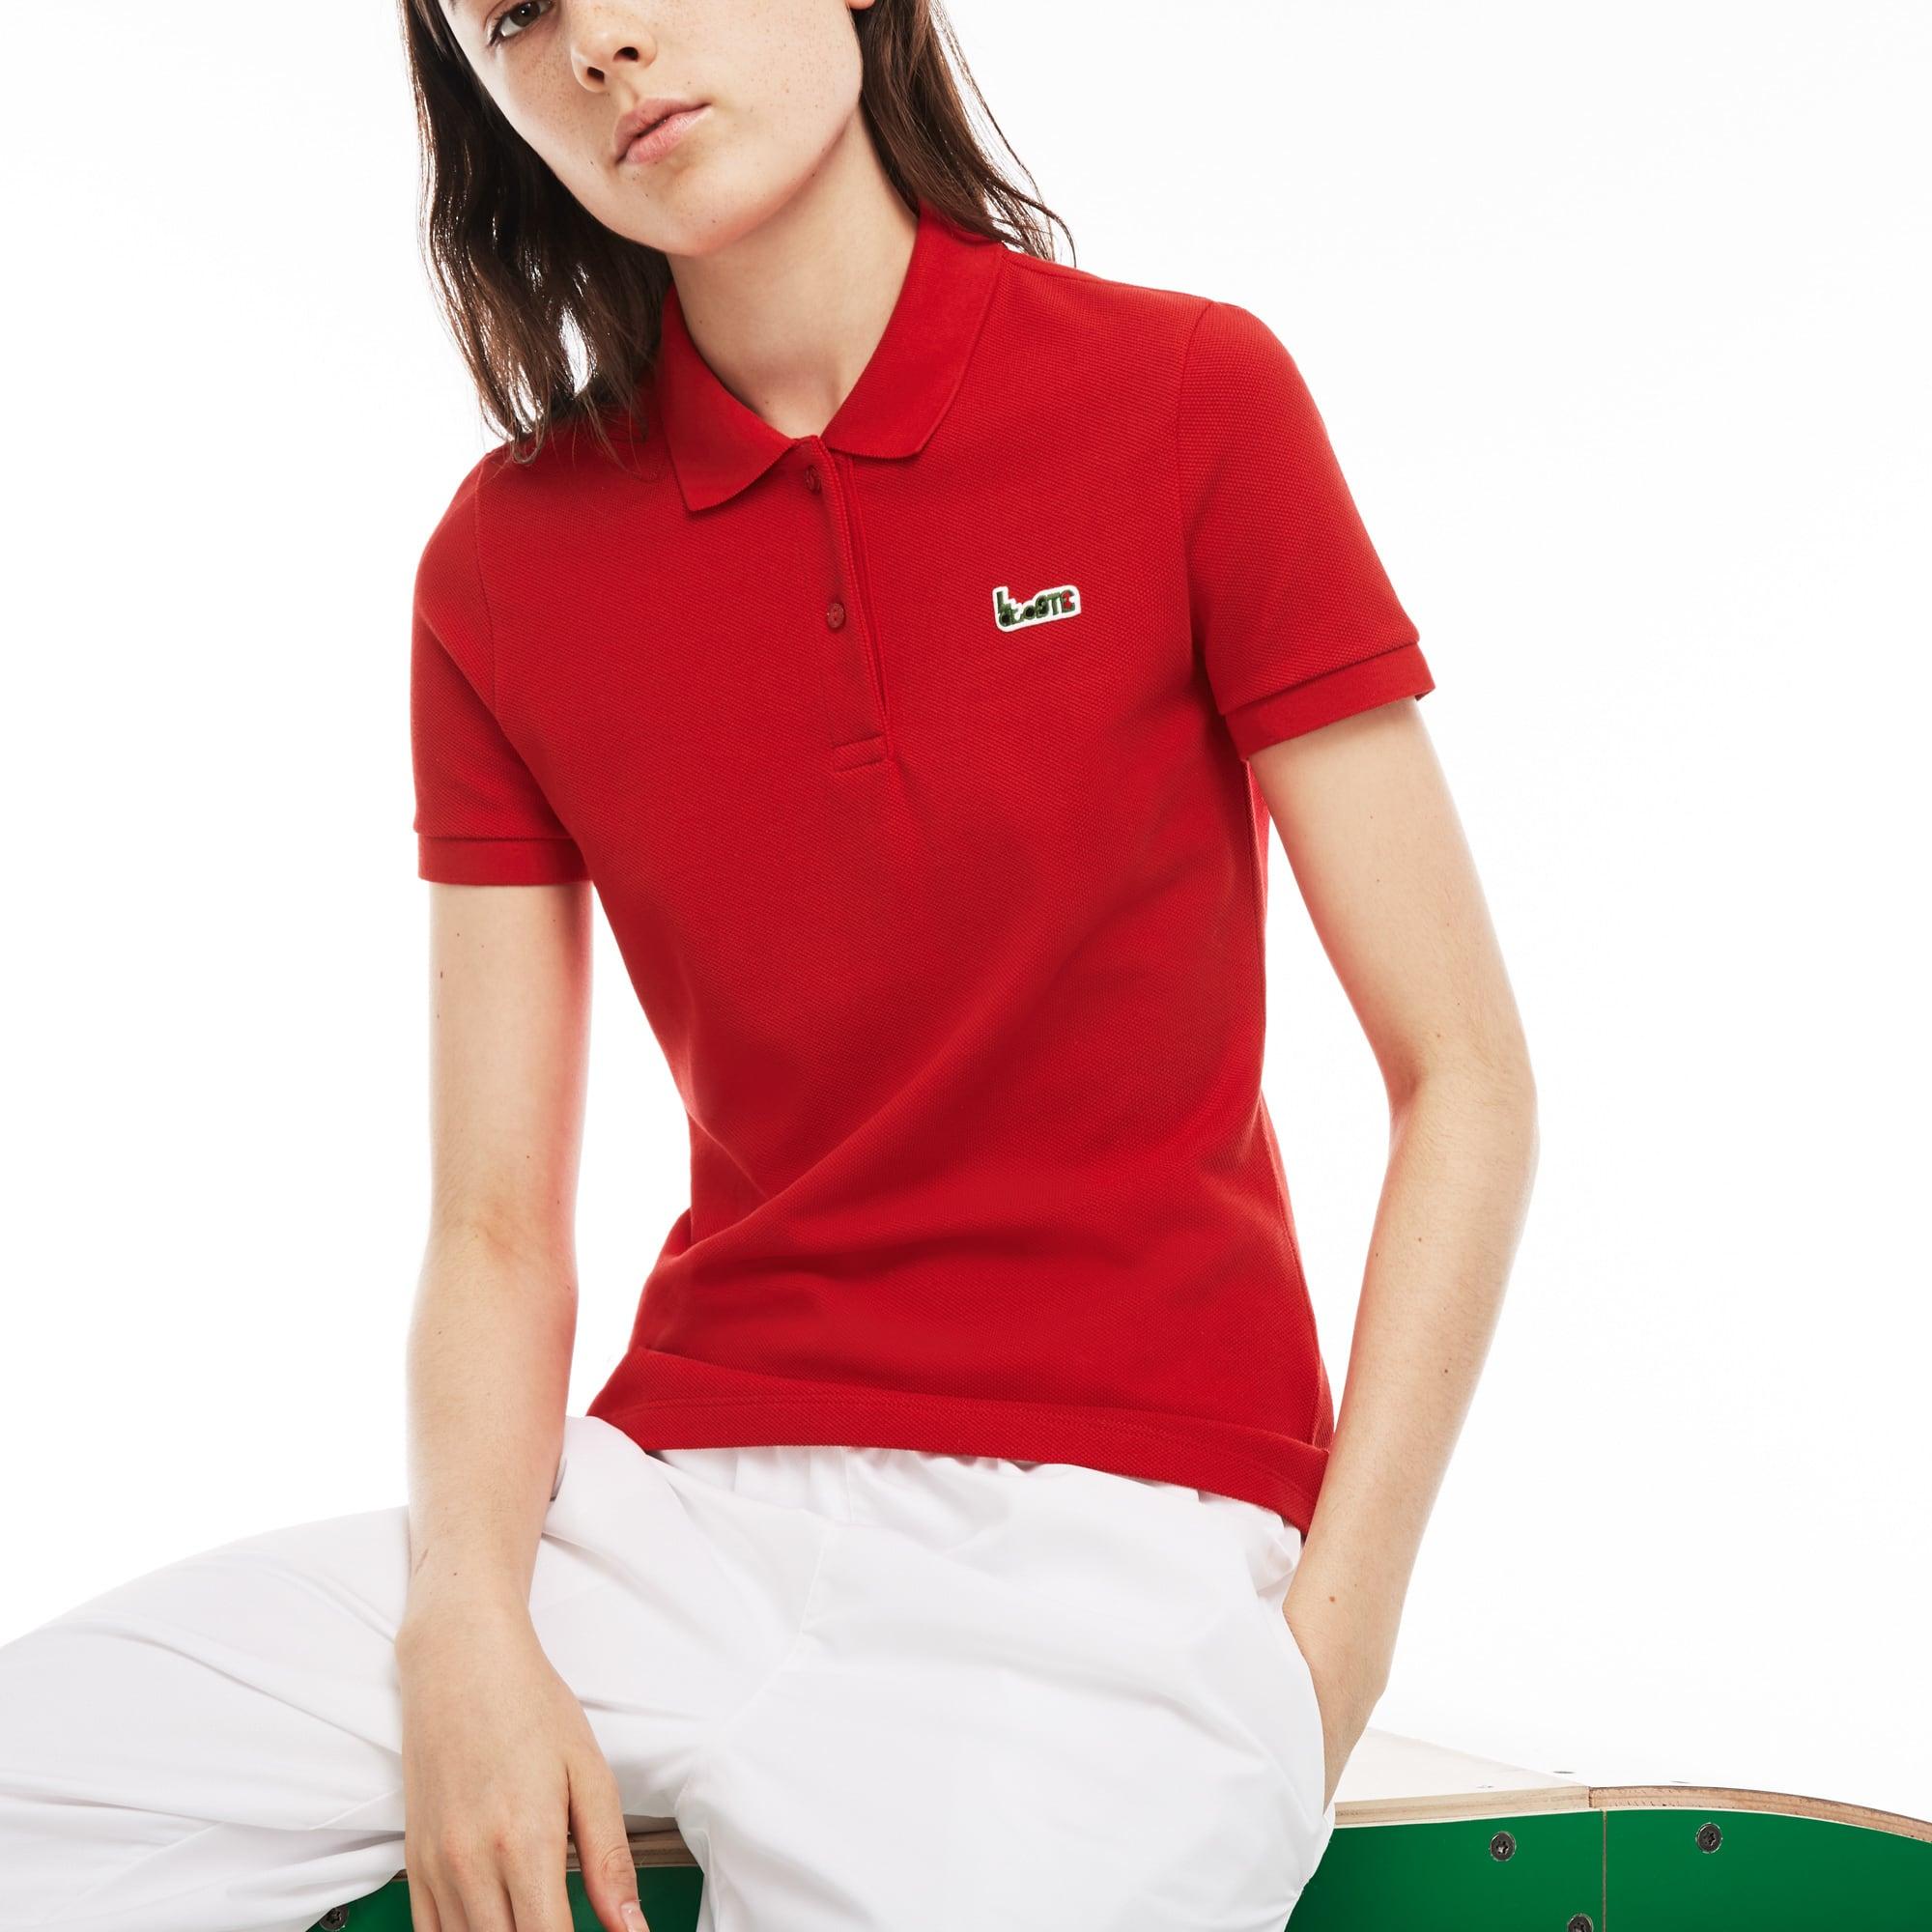 Women's Lacoste M/M Collab Slim Fit Thick Cotton Piqué Polo